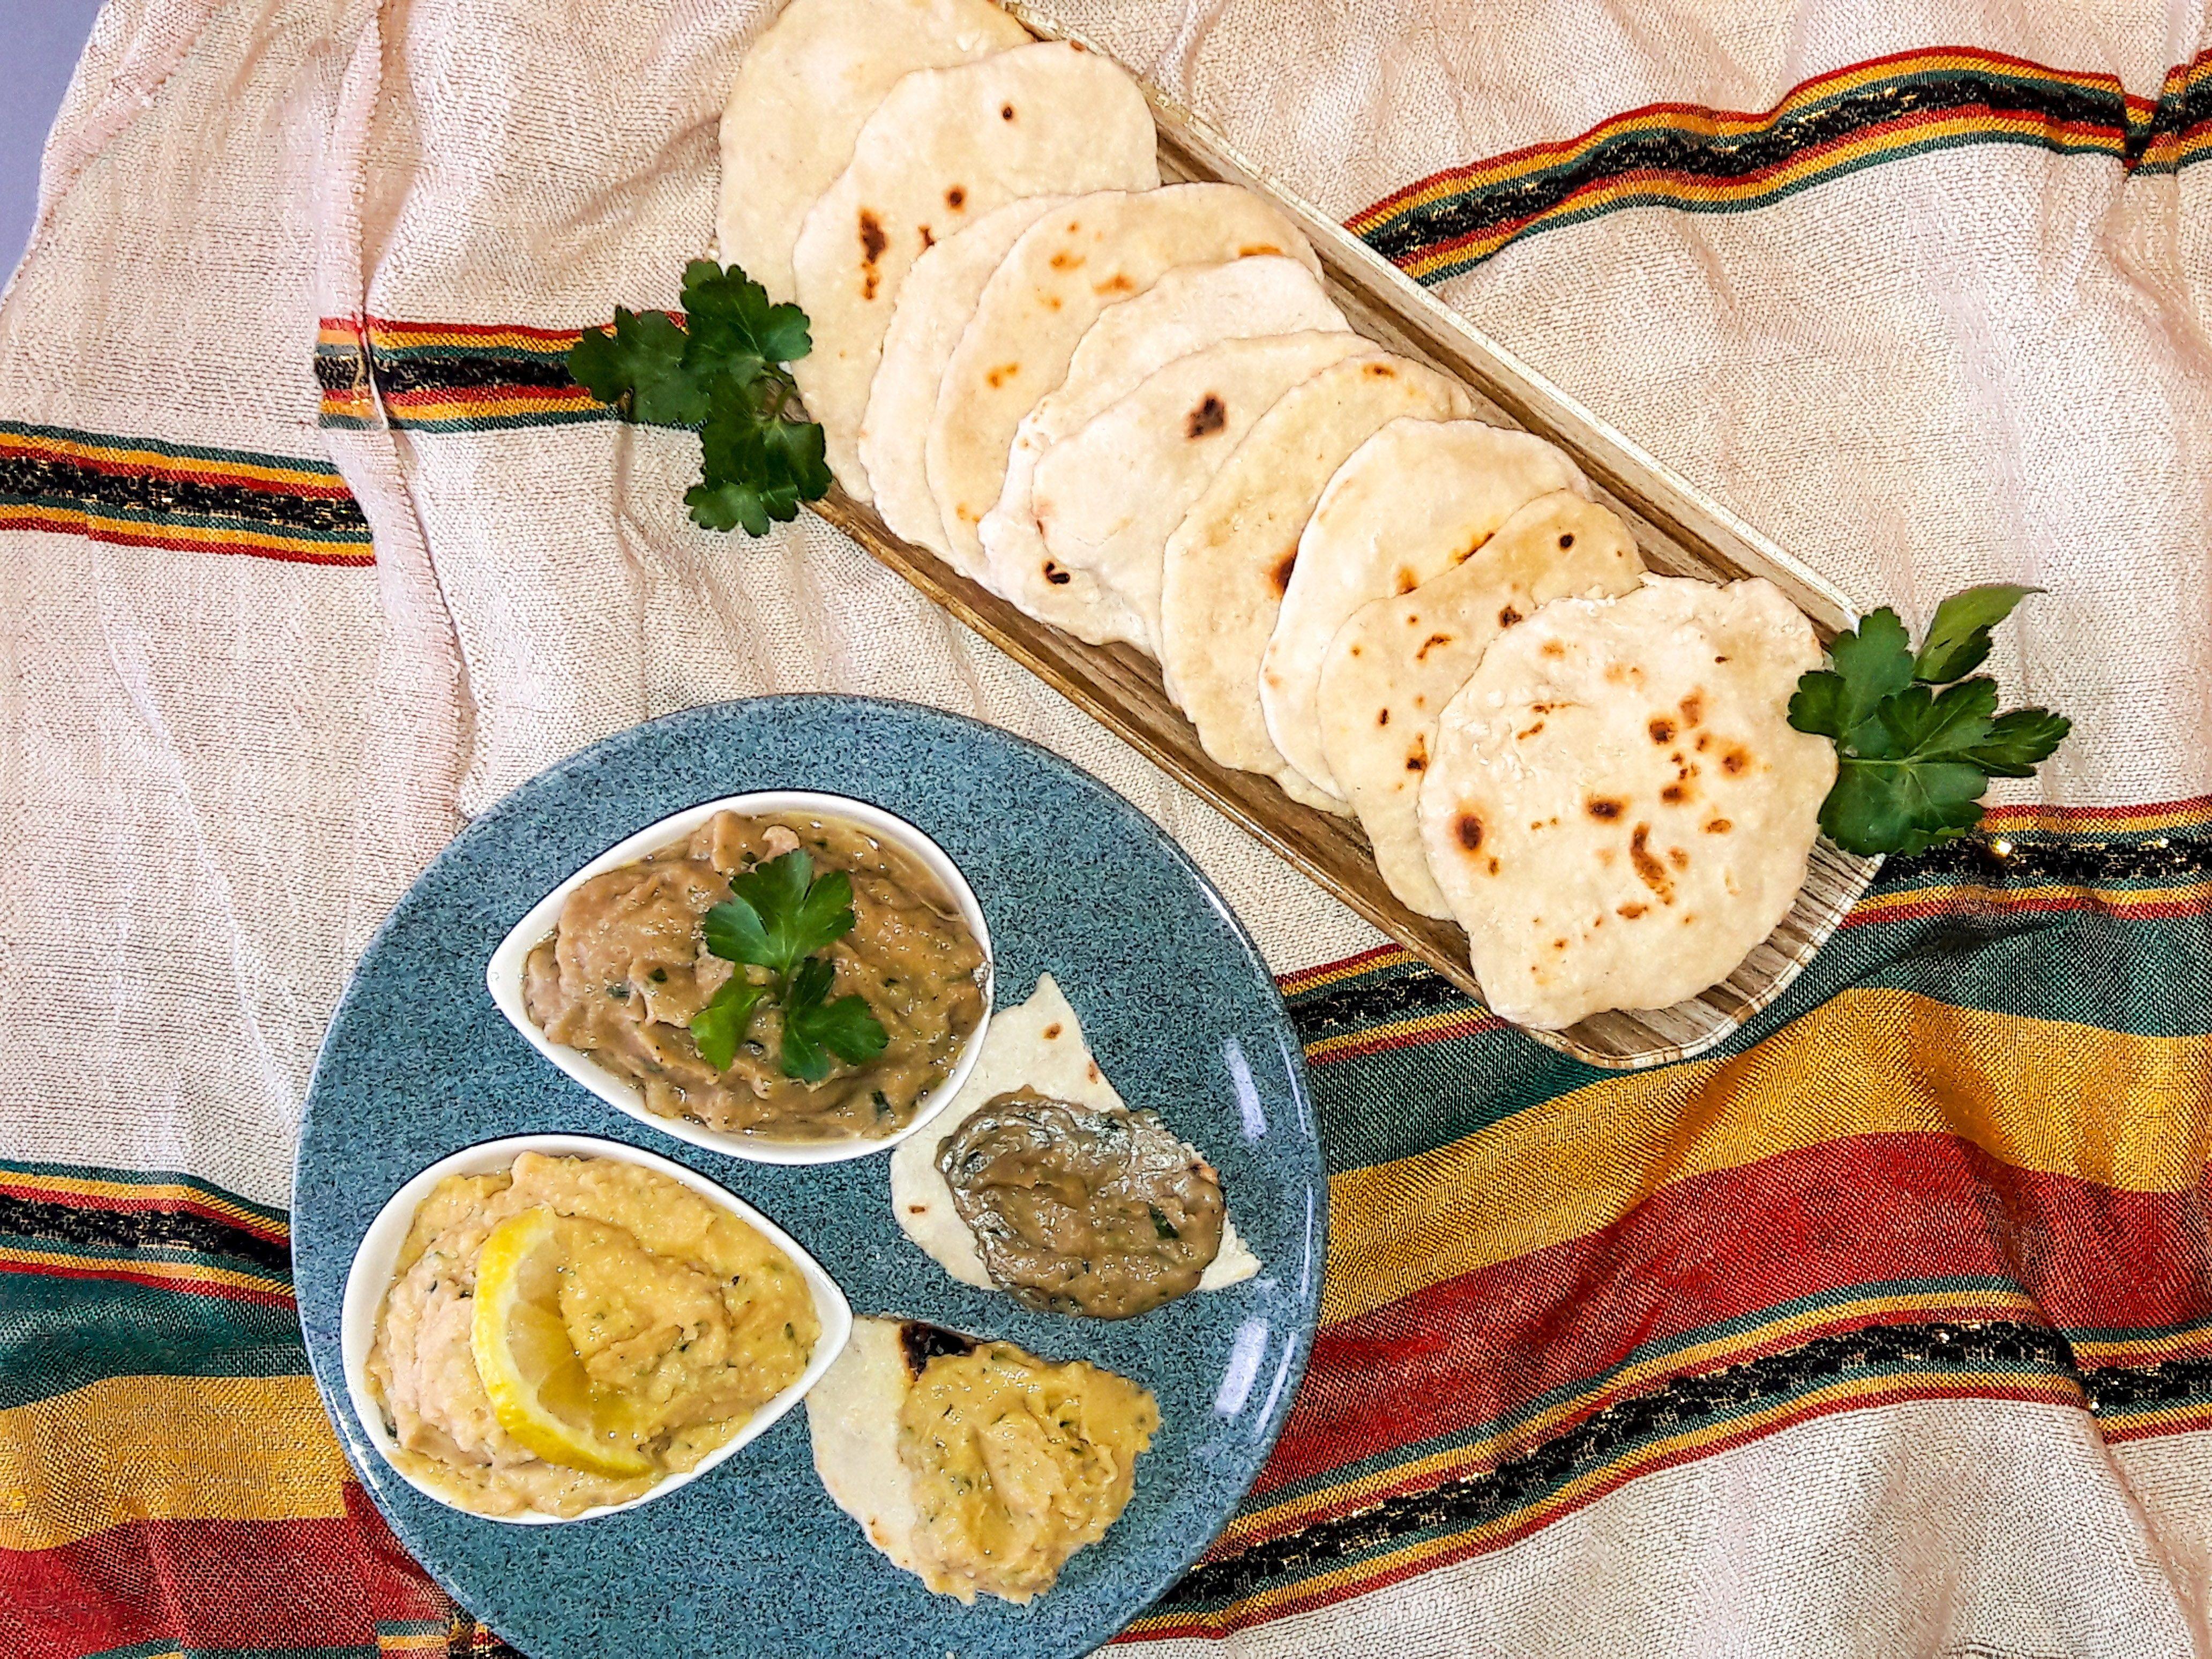 Pane azzimo con hummus e baba ghanoush